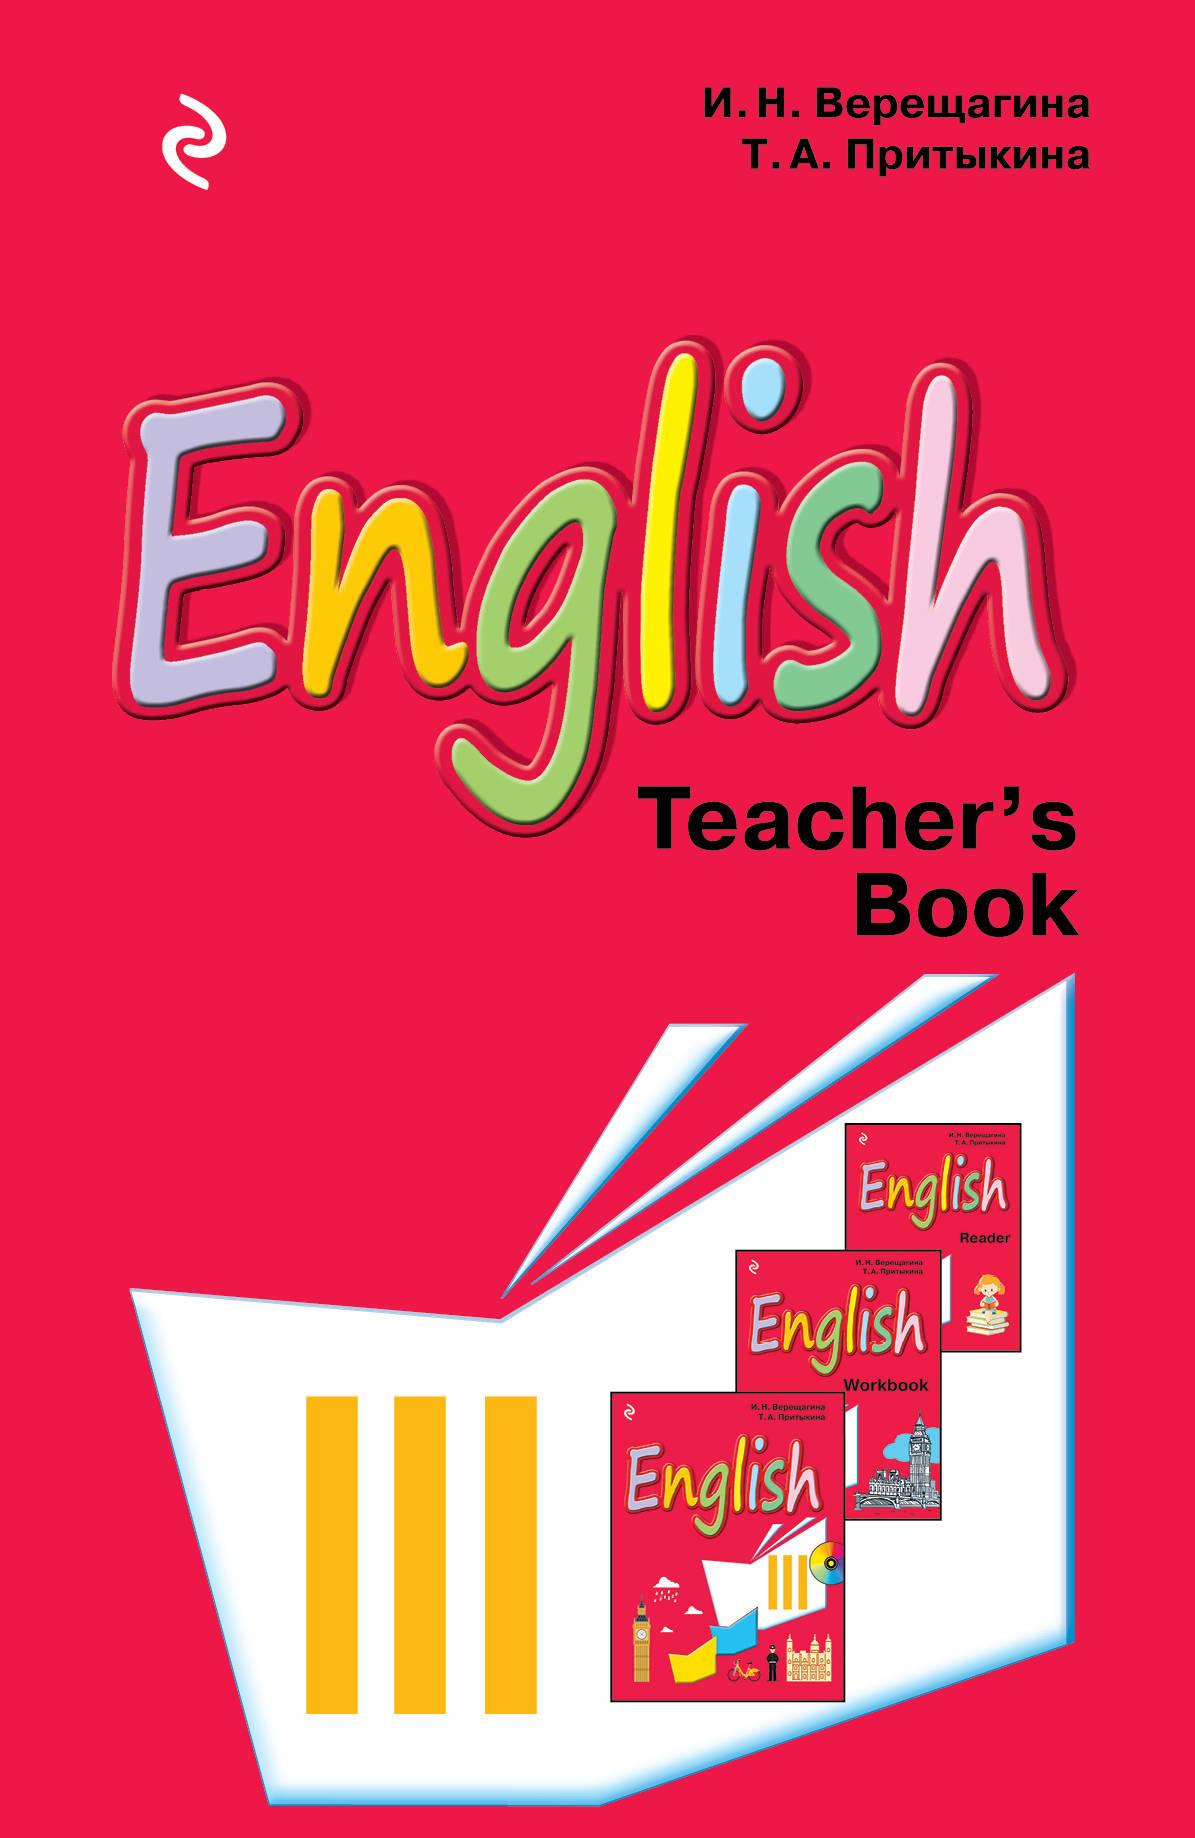 Изучение английского языка.